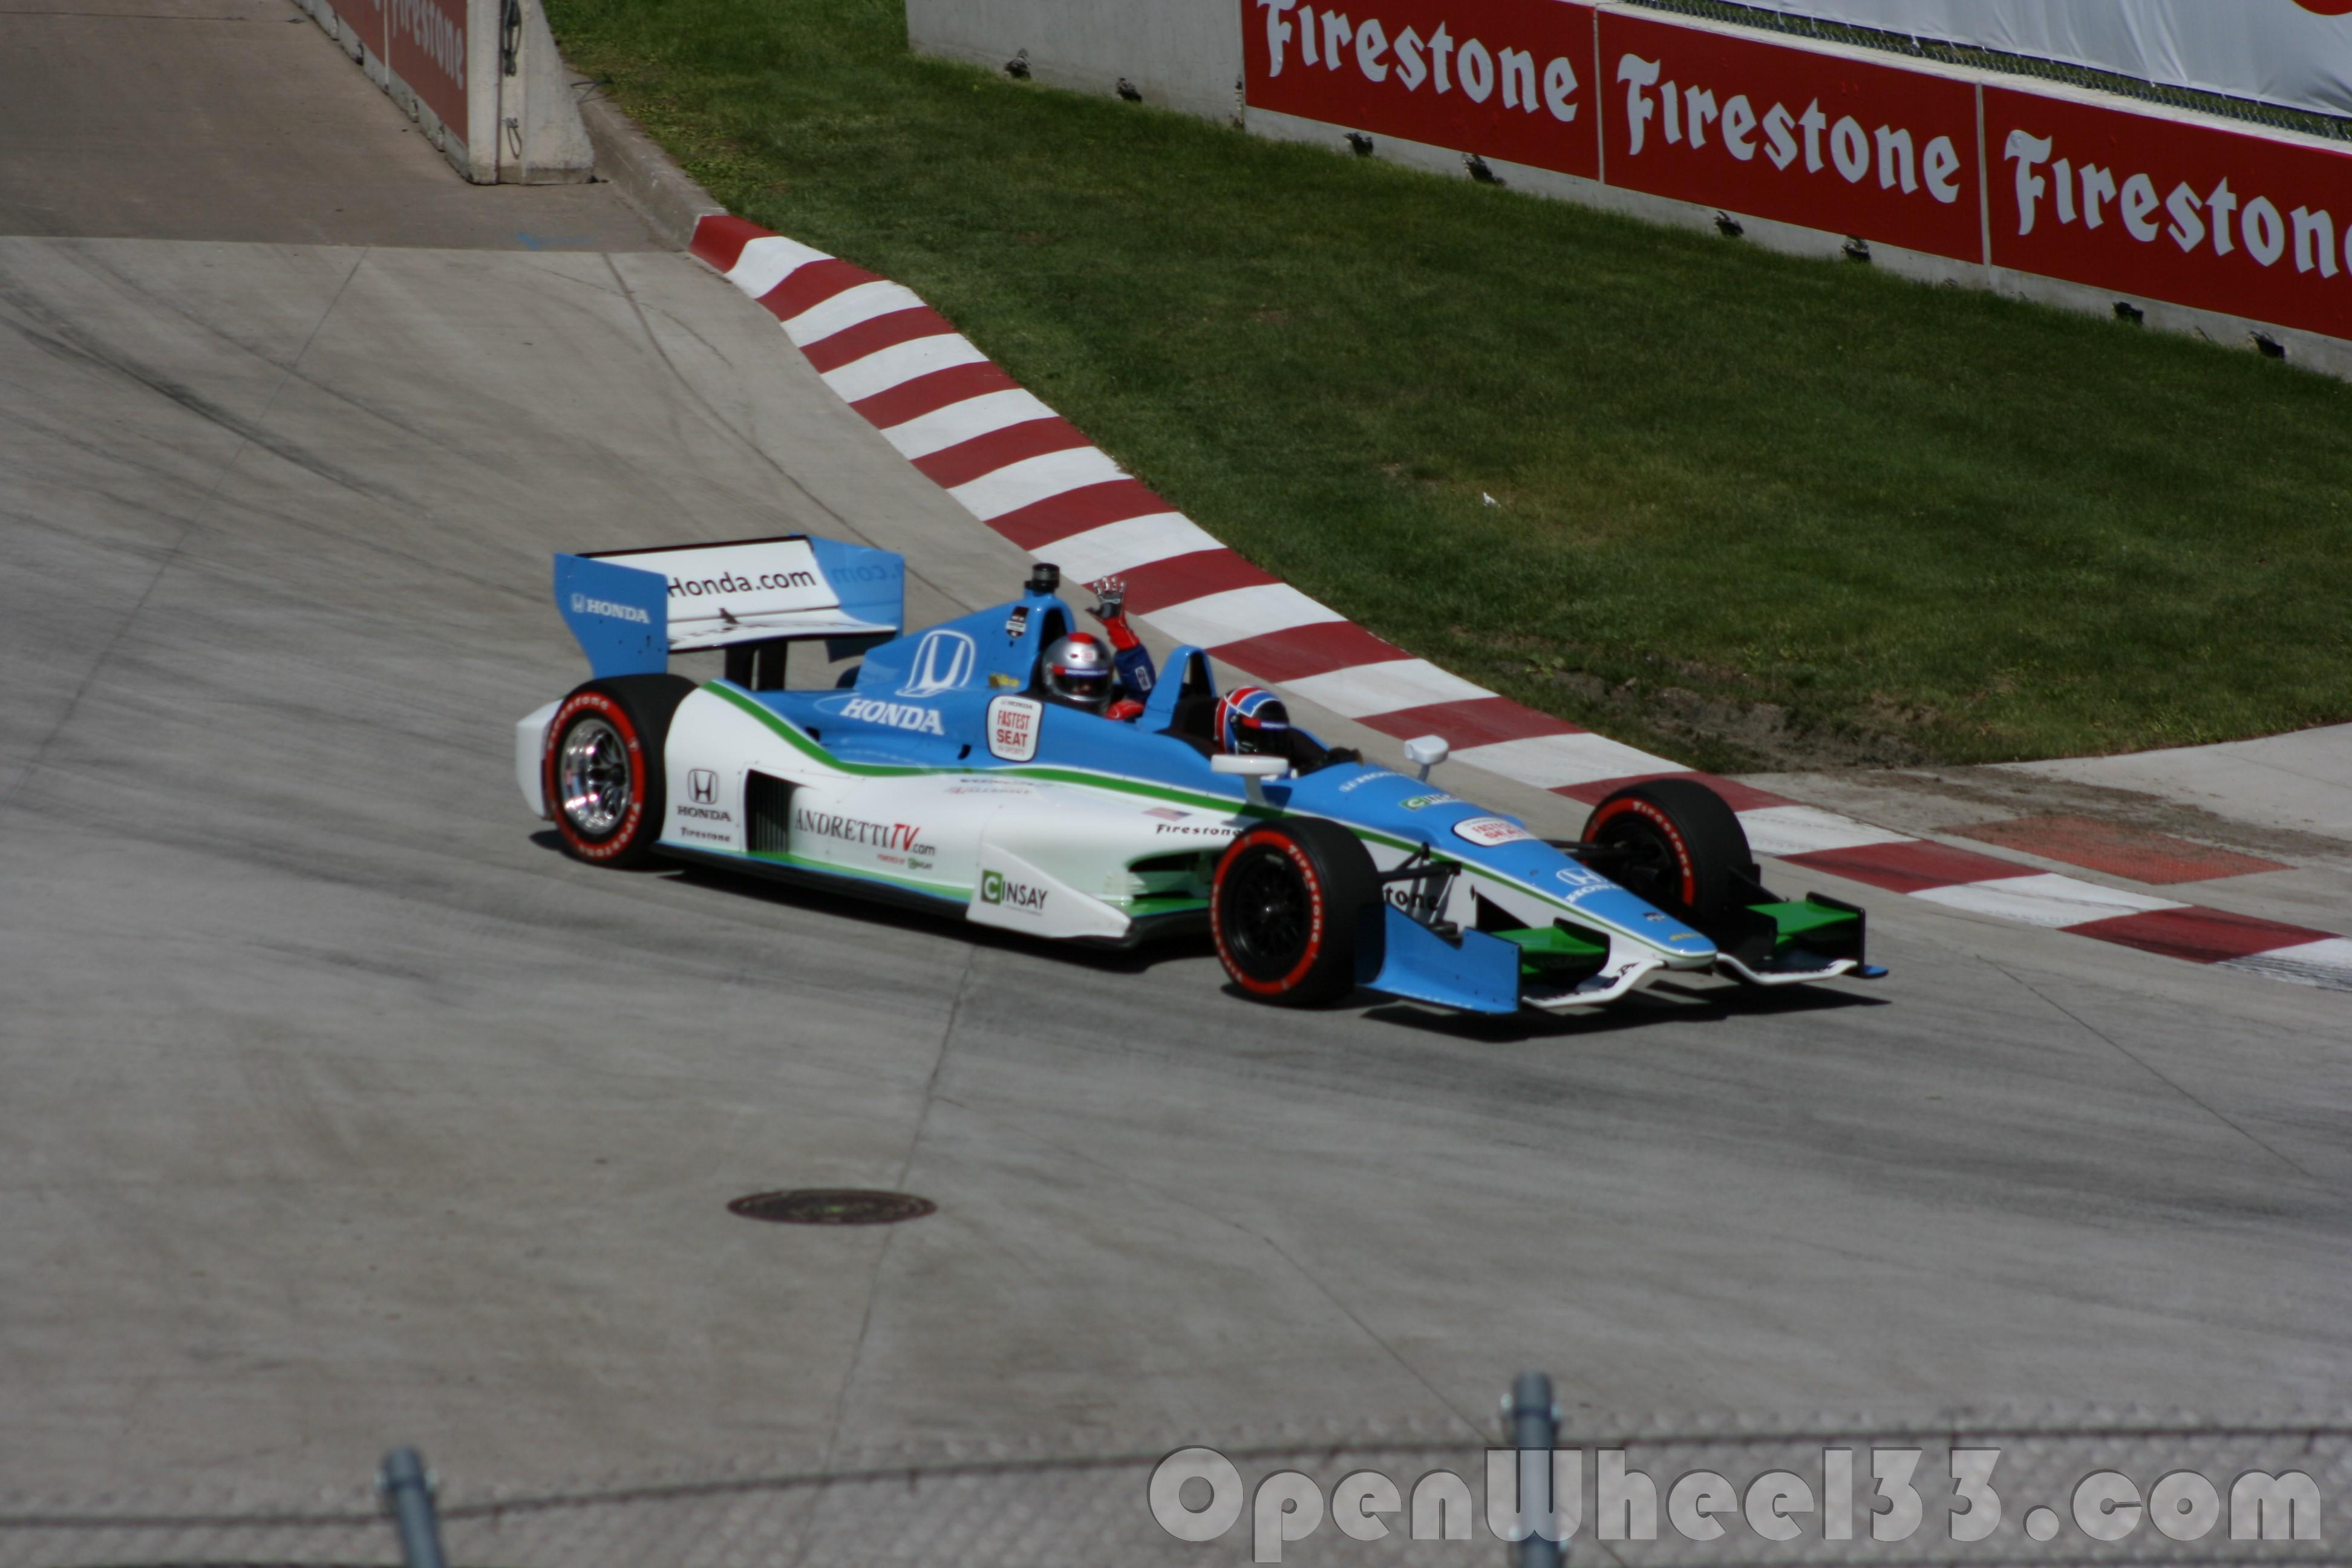 2014 Detroit GP R1 - 35 - PH